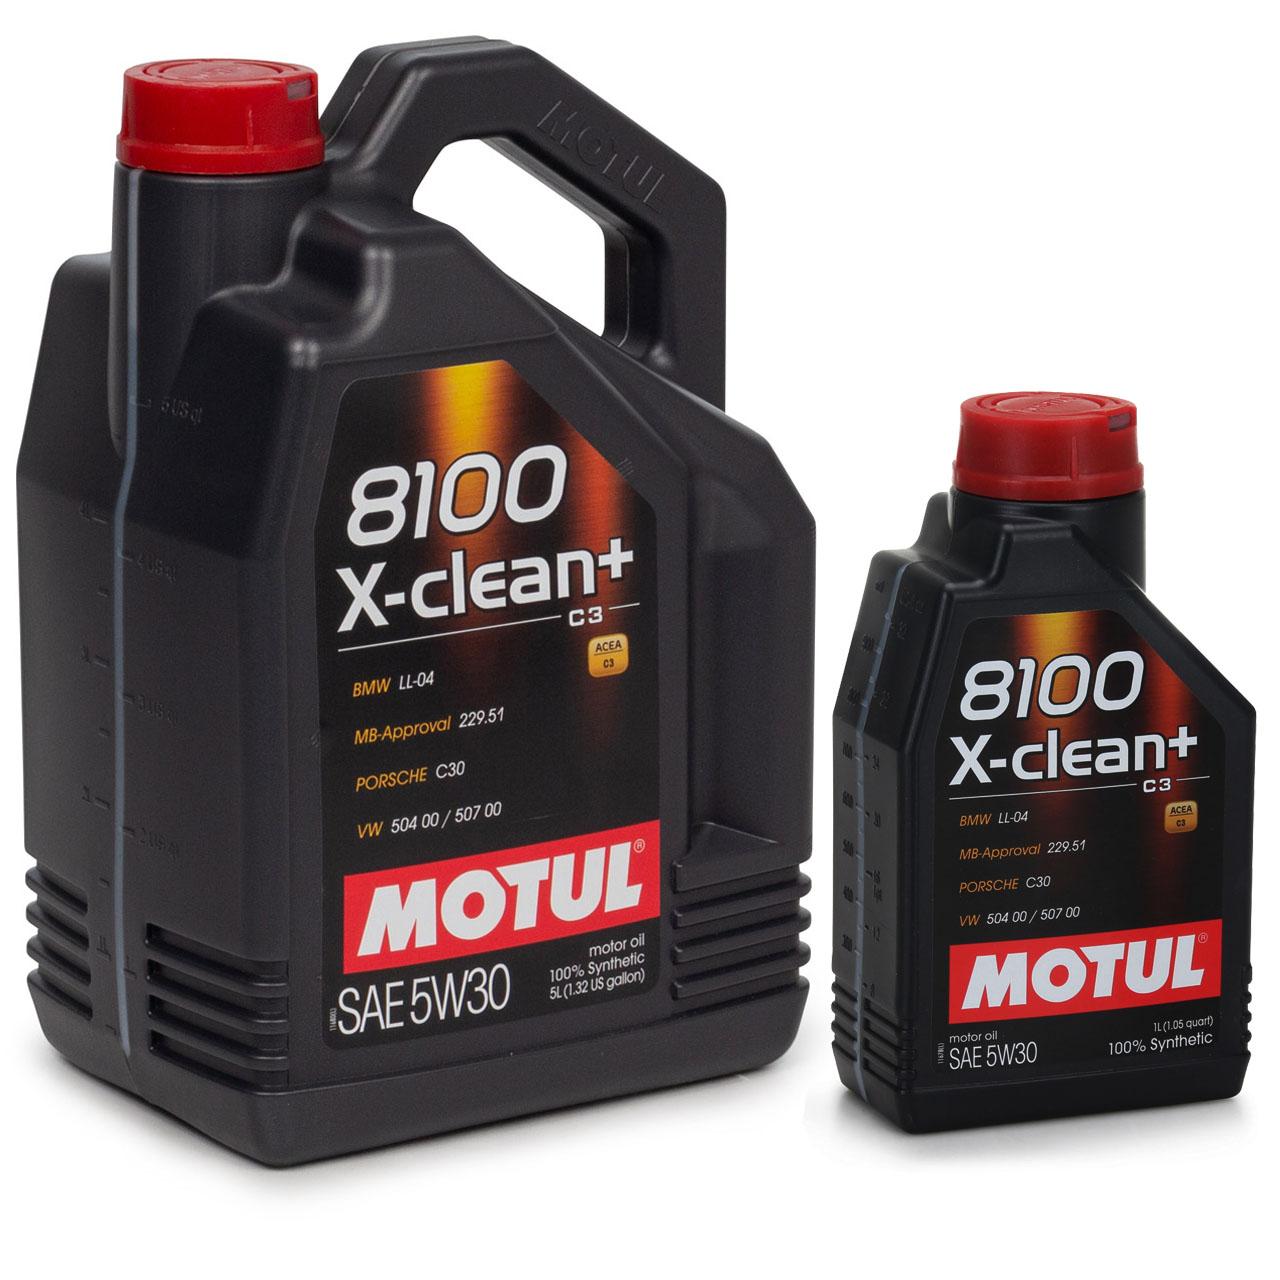 MOTUL 8100 X-clean+ C3 Motoröl Öl 5W30 BMW LL04 MB 229.51 VW 504/507.00 6 Liter